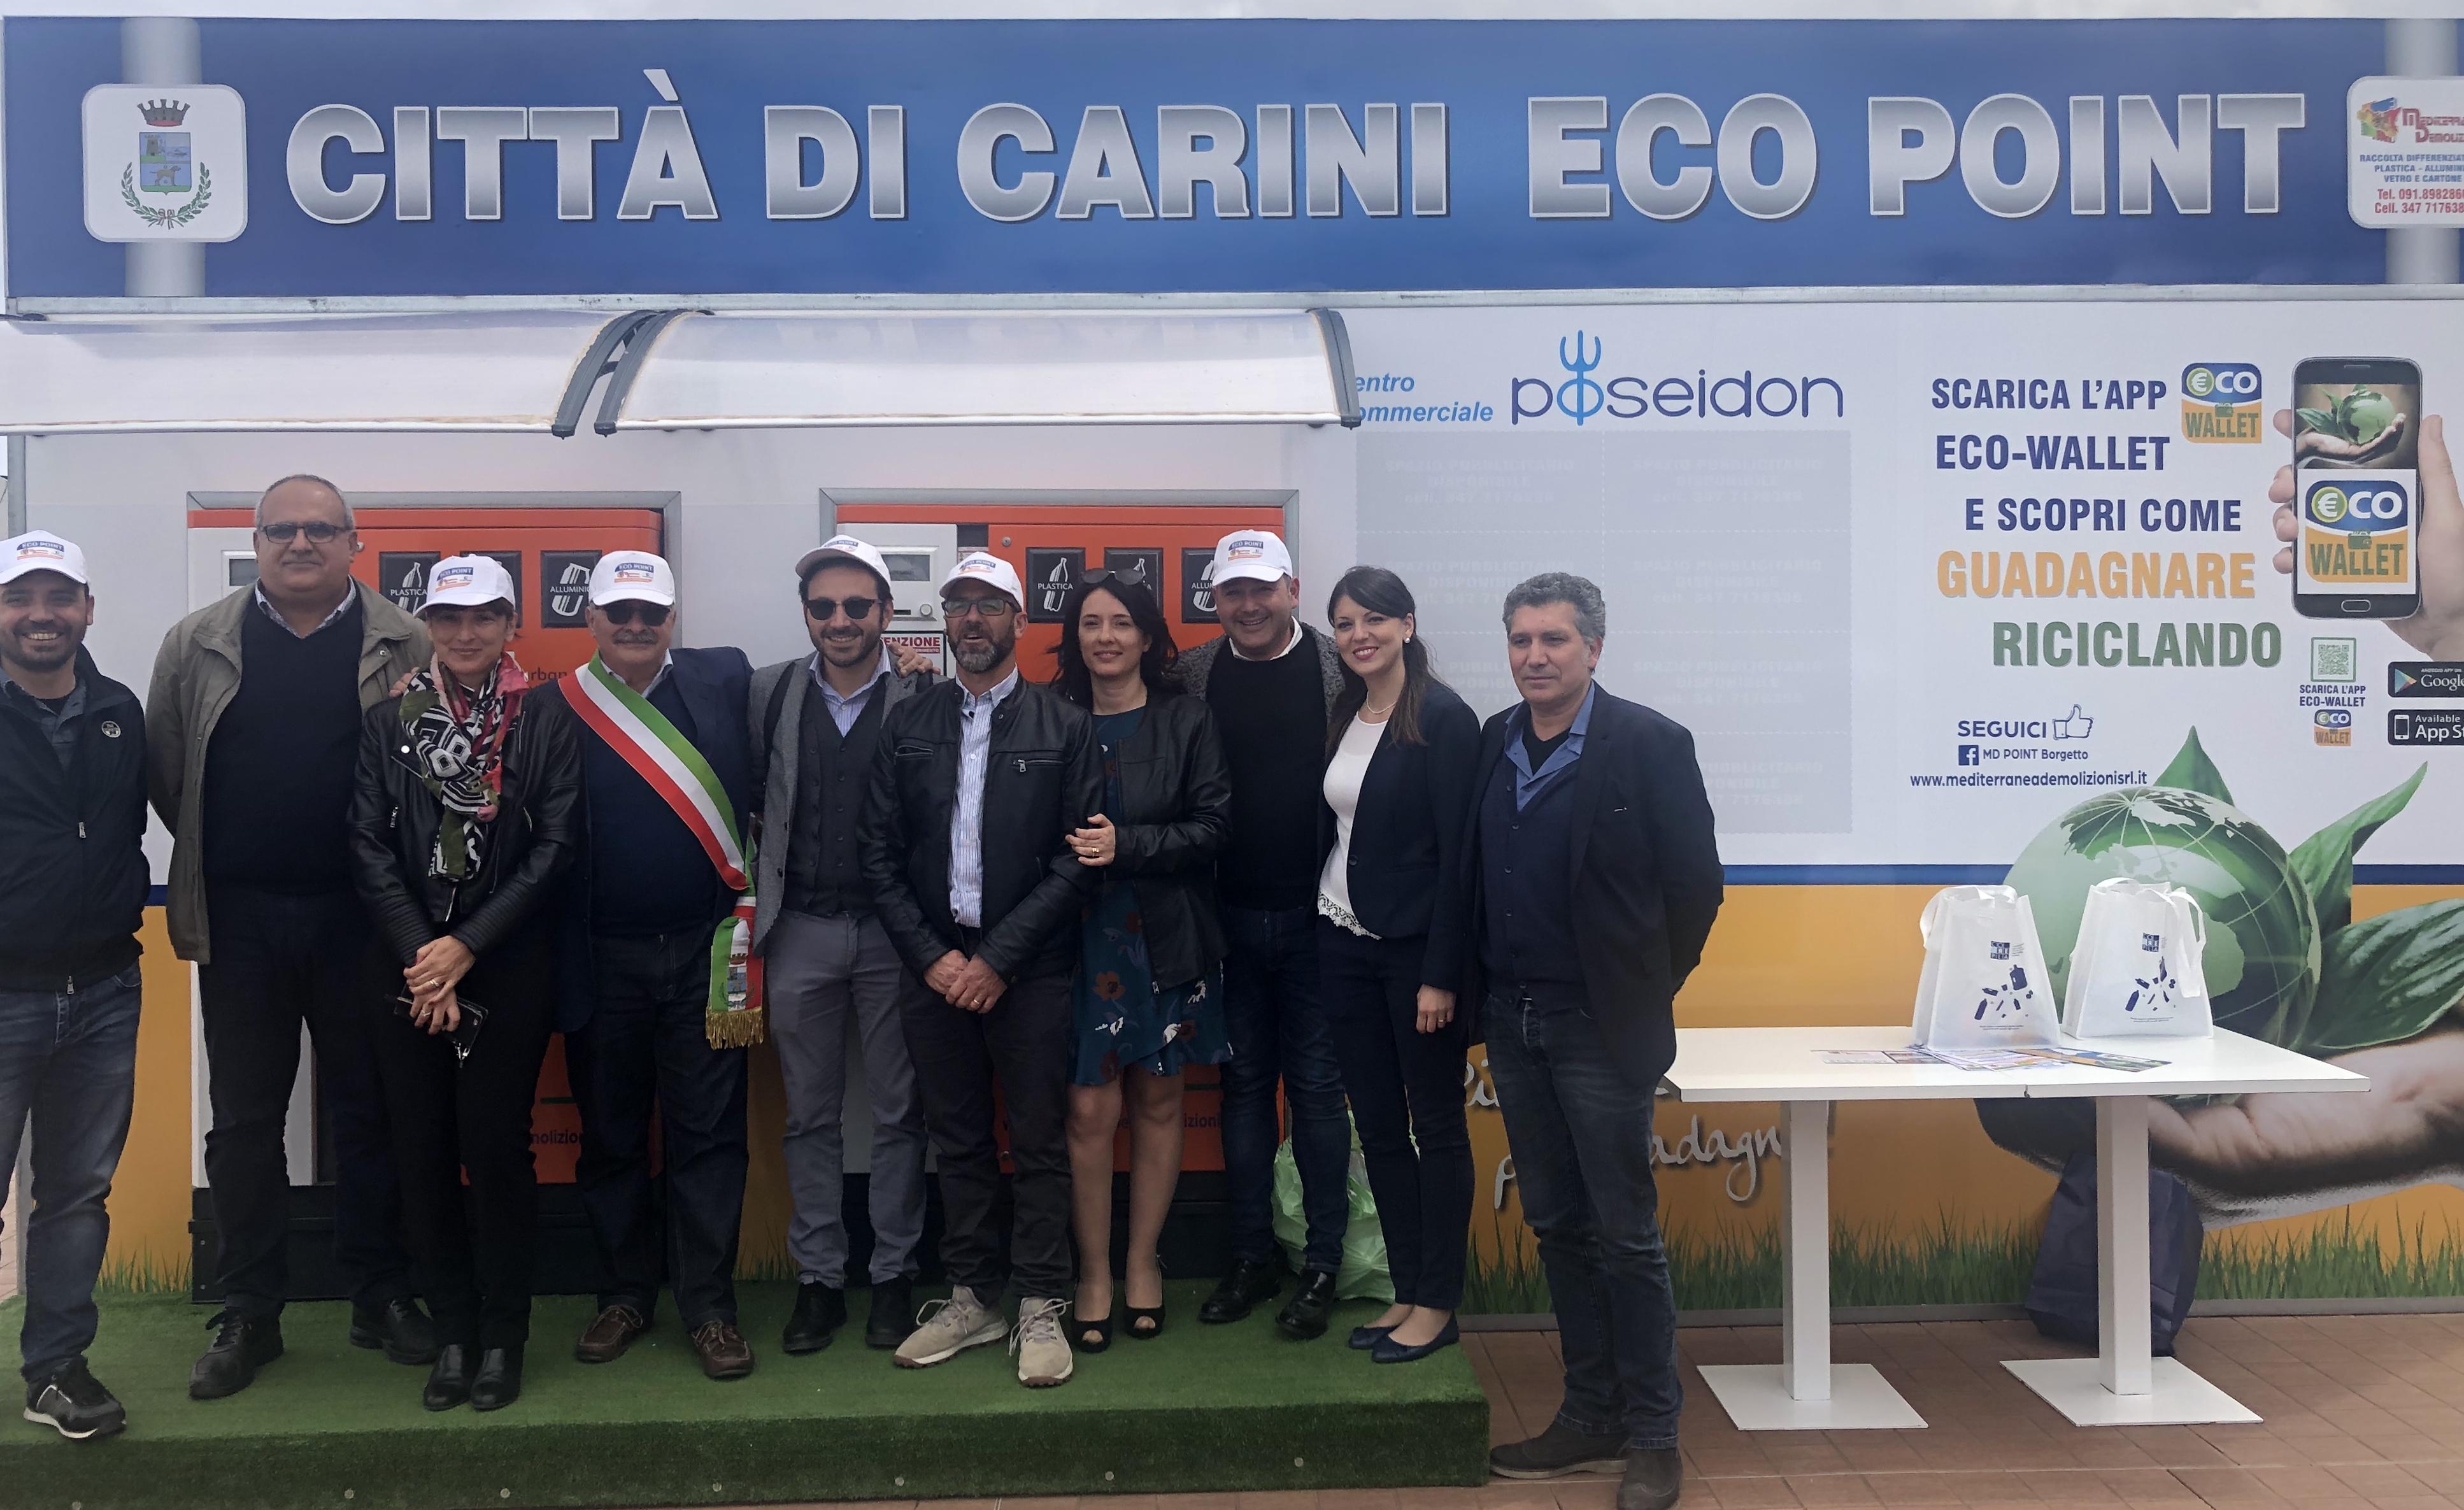 Calendario Raccolta Differenziata Carini 2019.Inaugurato Il Primo Eco Point A Carini Ilcarinese It